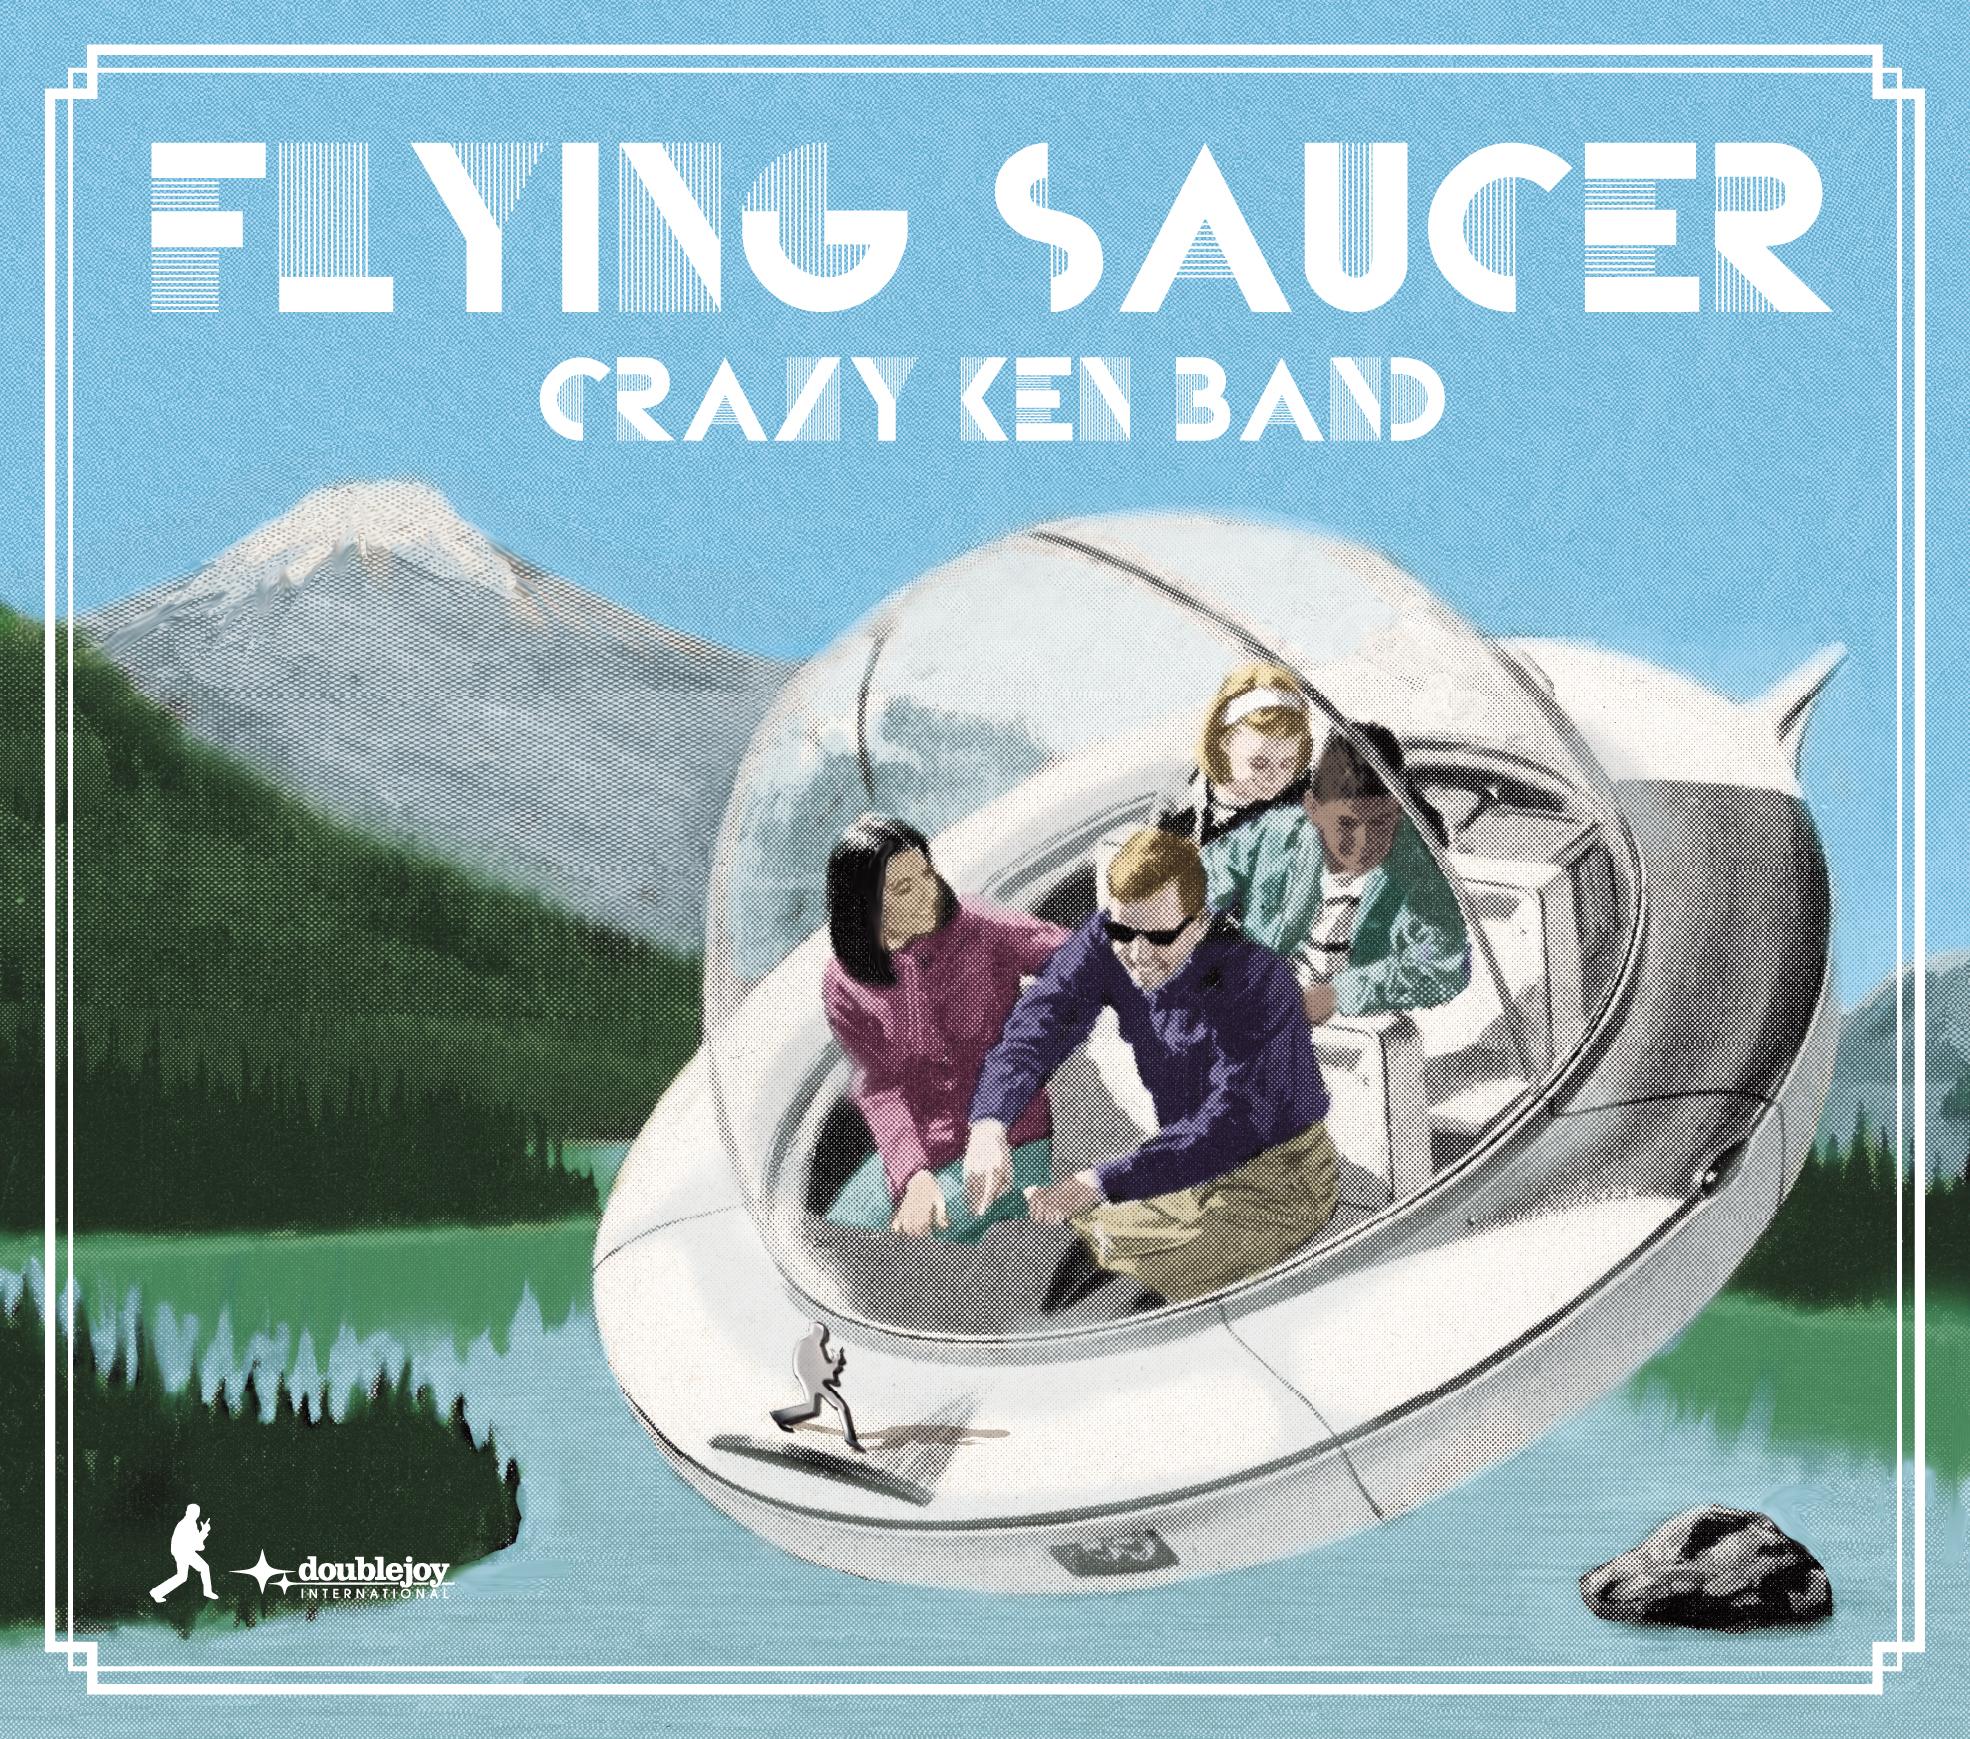 アルバム『FLYING SAUCER』【初回盤】